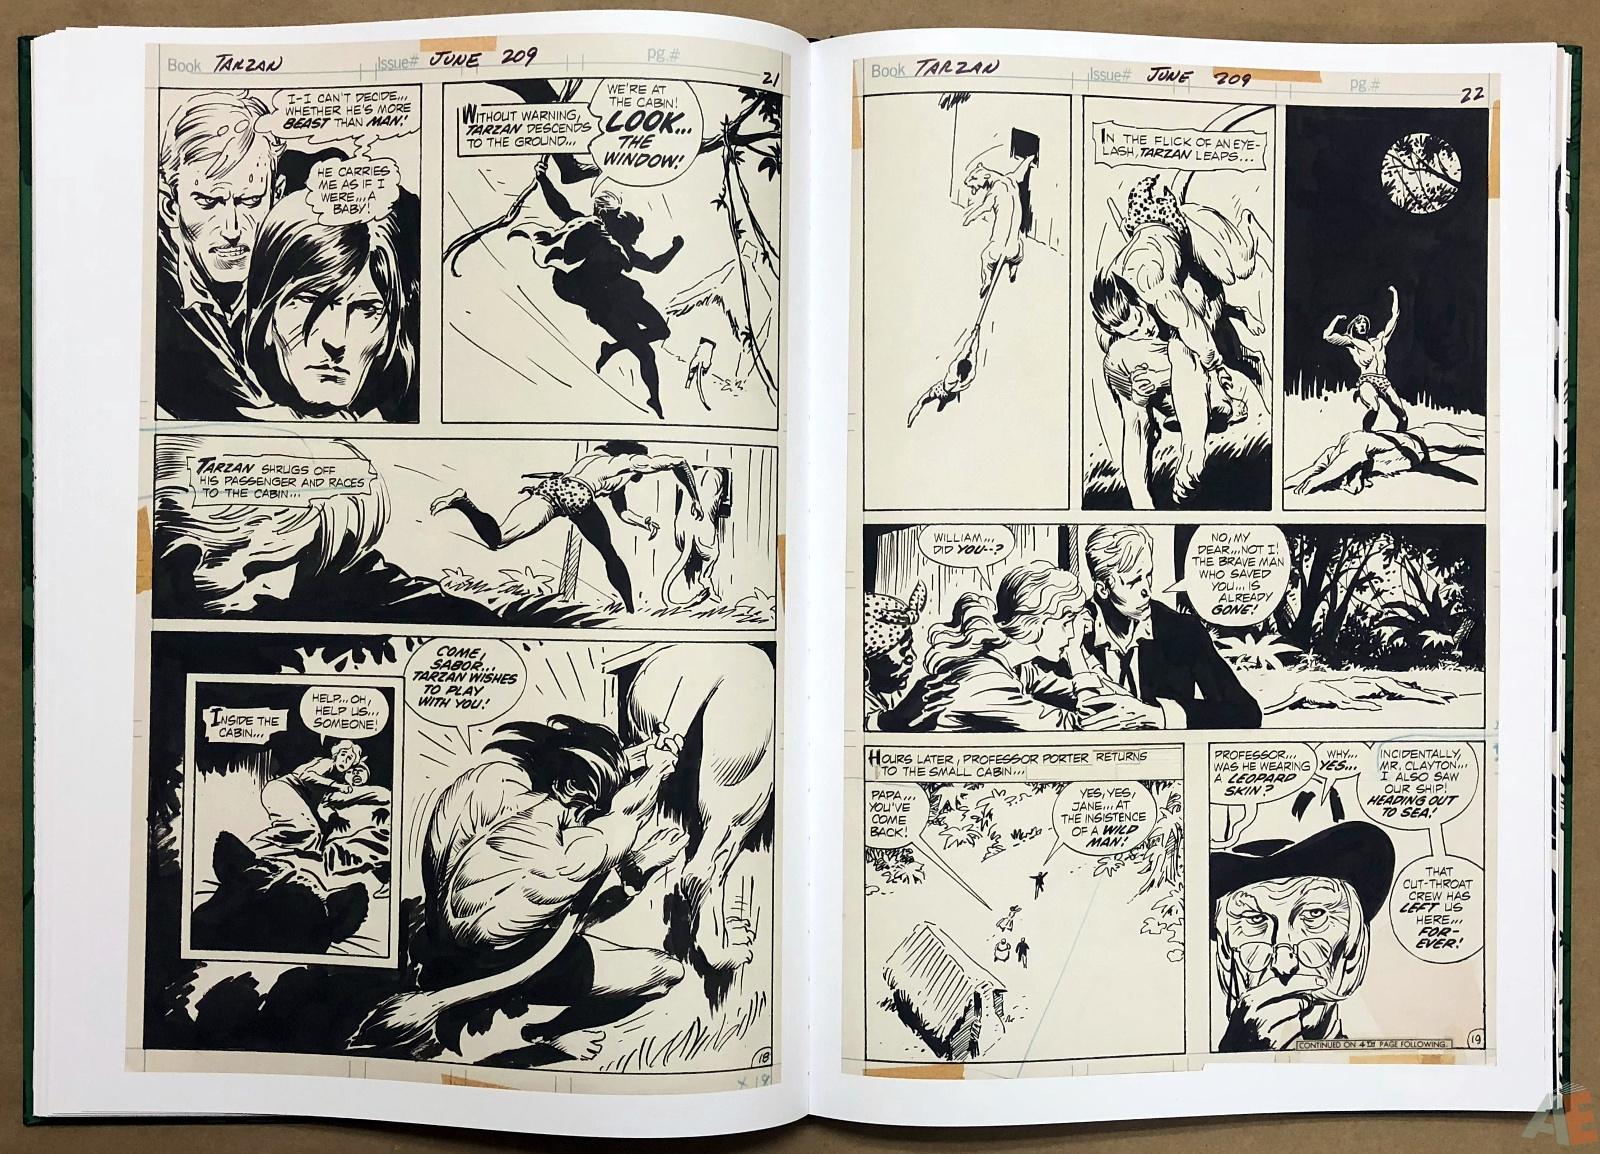 Joe Kubert's Tarzan of the Apes Artist's Edition 28